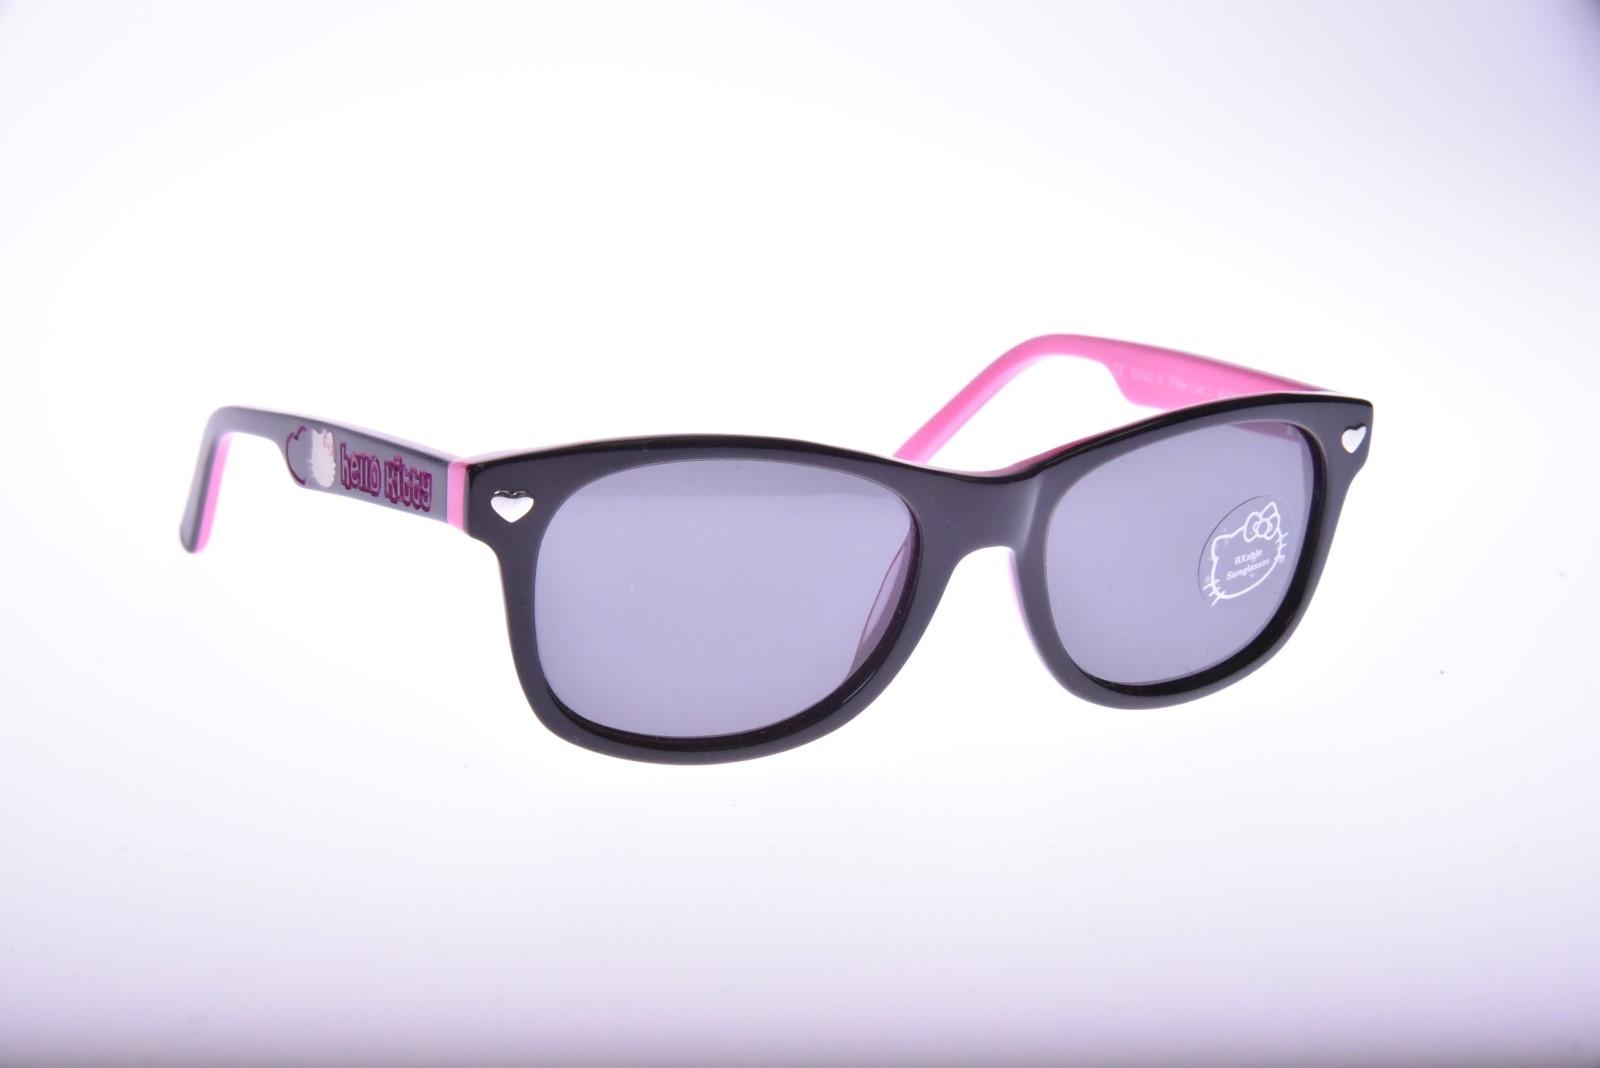 Polaroid Hello Kitty K9302A - Slnečné okuliare pre deti 4-7 r. c138a633f87